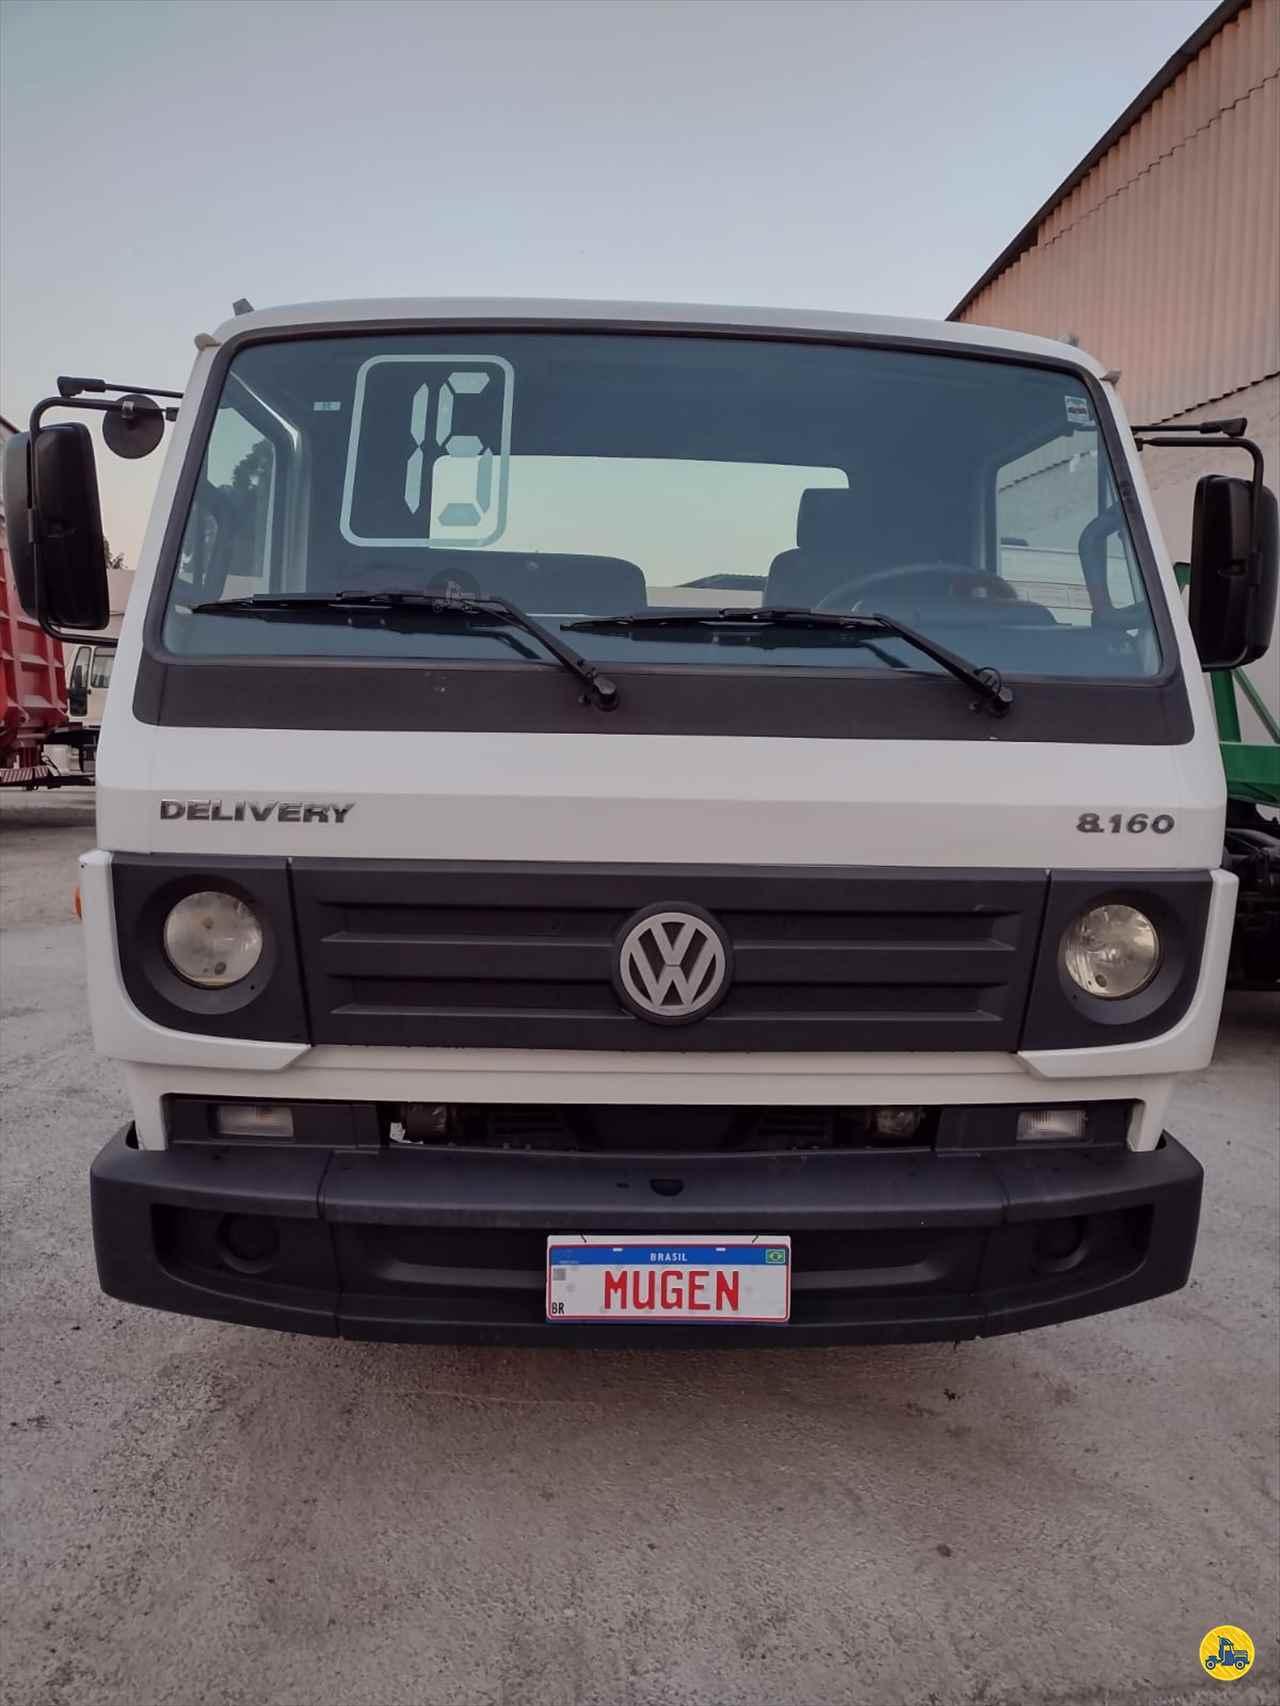 VW 8160 de Mugen Caminhões - GUARULHOS/SP